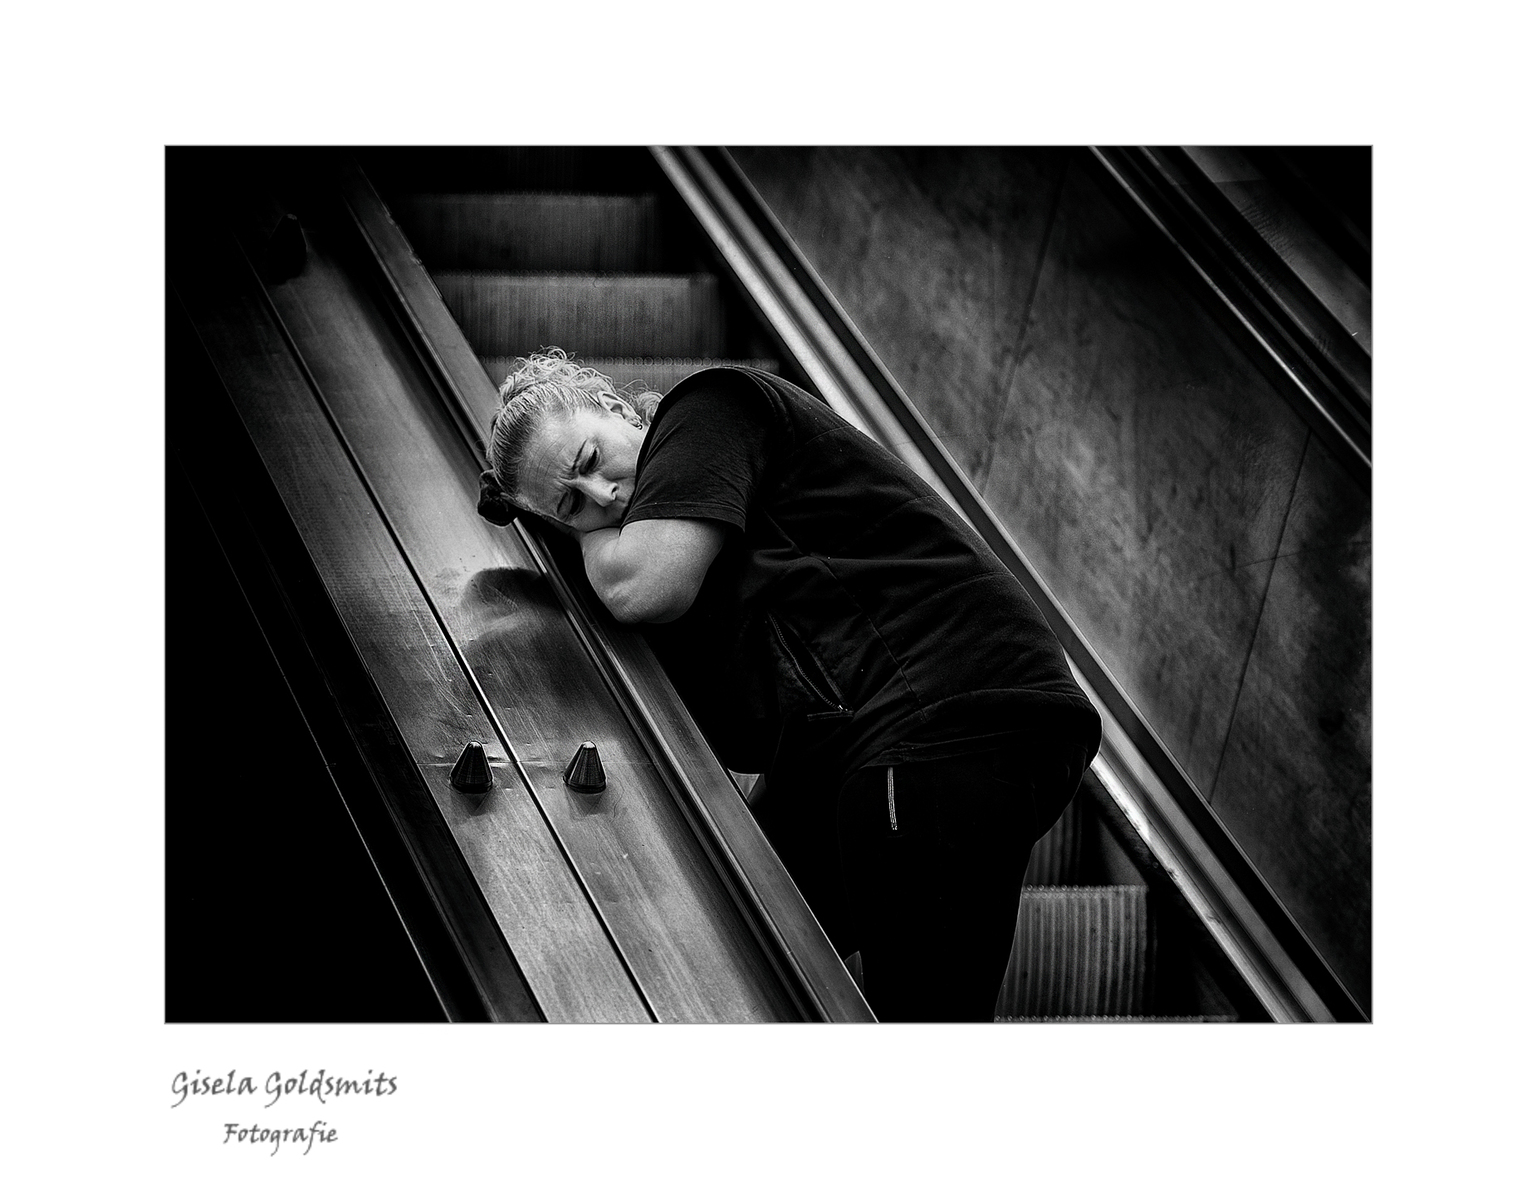 Why I am so Tired - Bedankt voor de mooie reacties  en het kijken naar mijn vorige Upload  ik ben er heel blij mee .   Liefs Gisela - foto door 49-Gisela op 15-04-2021 - deze foto bevat: oog, menselijk lichaam, flitsfotografie, parallel, tinten en schakeringen, monochrome fotografie, monochroom, metaal, symmetrie, duisternis